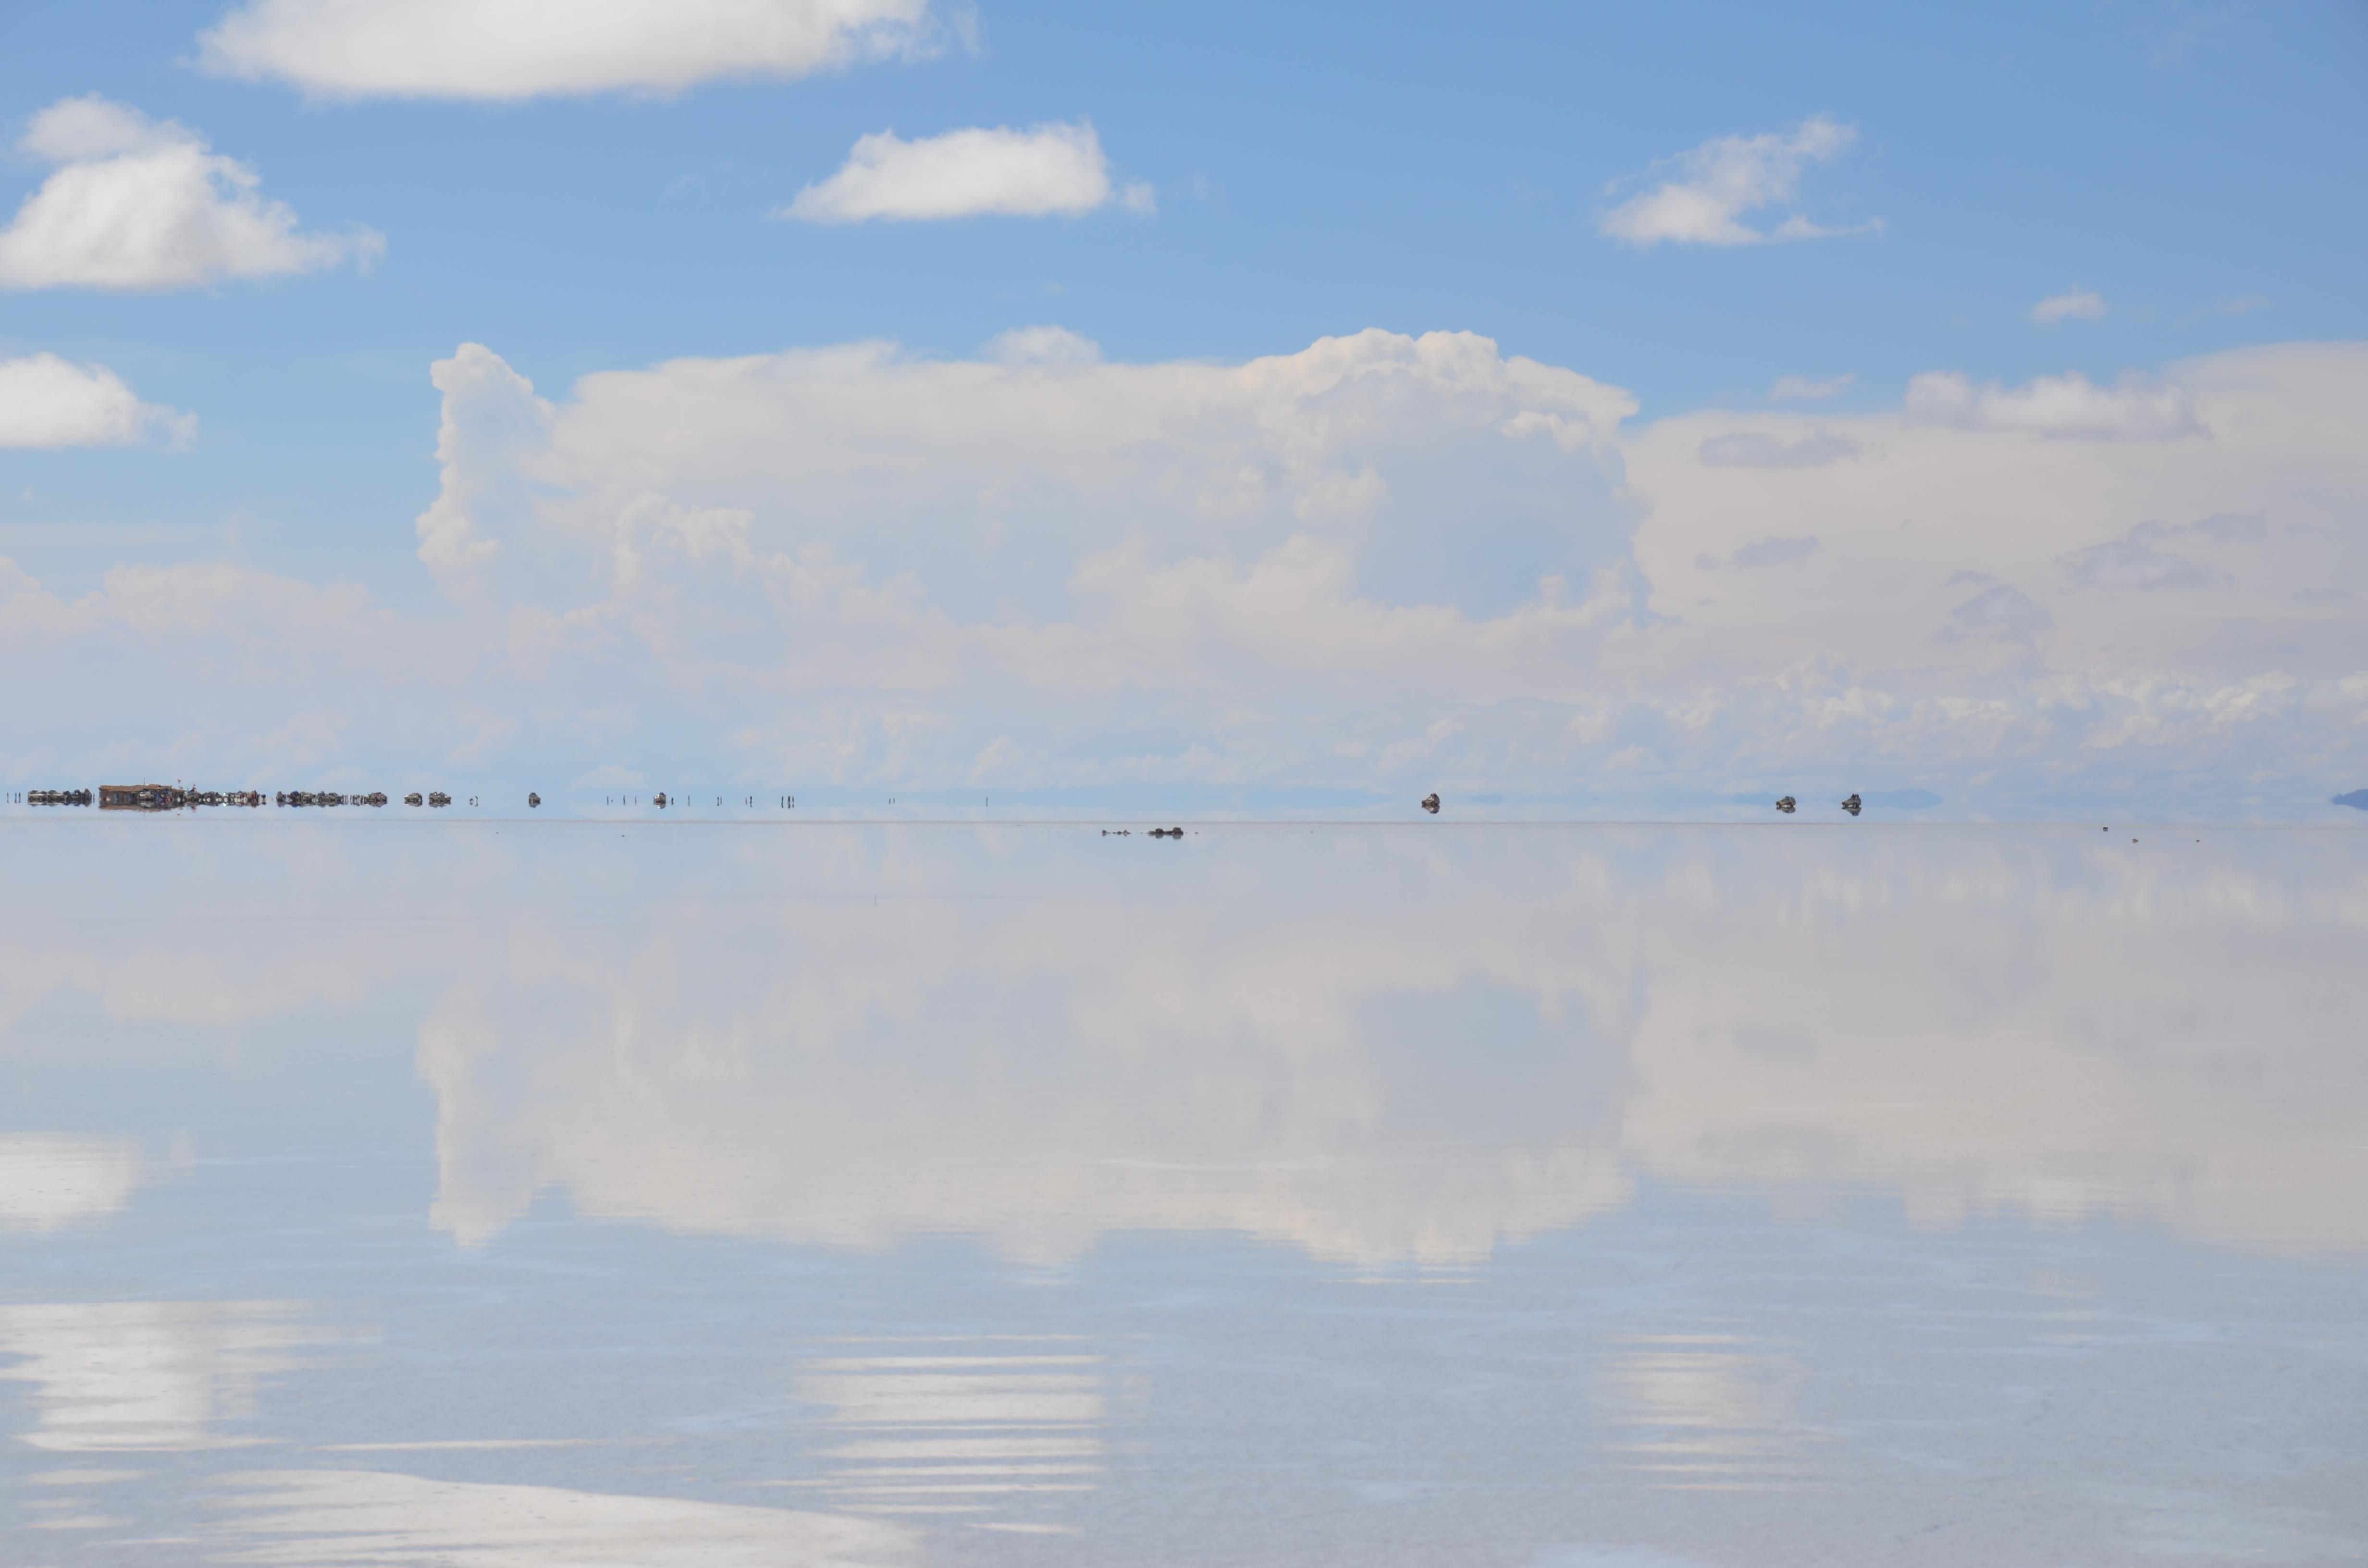 一面真っ白のウユニ塩湖遺跡の壁紙